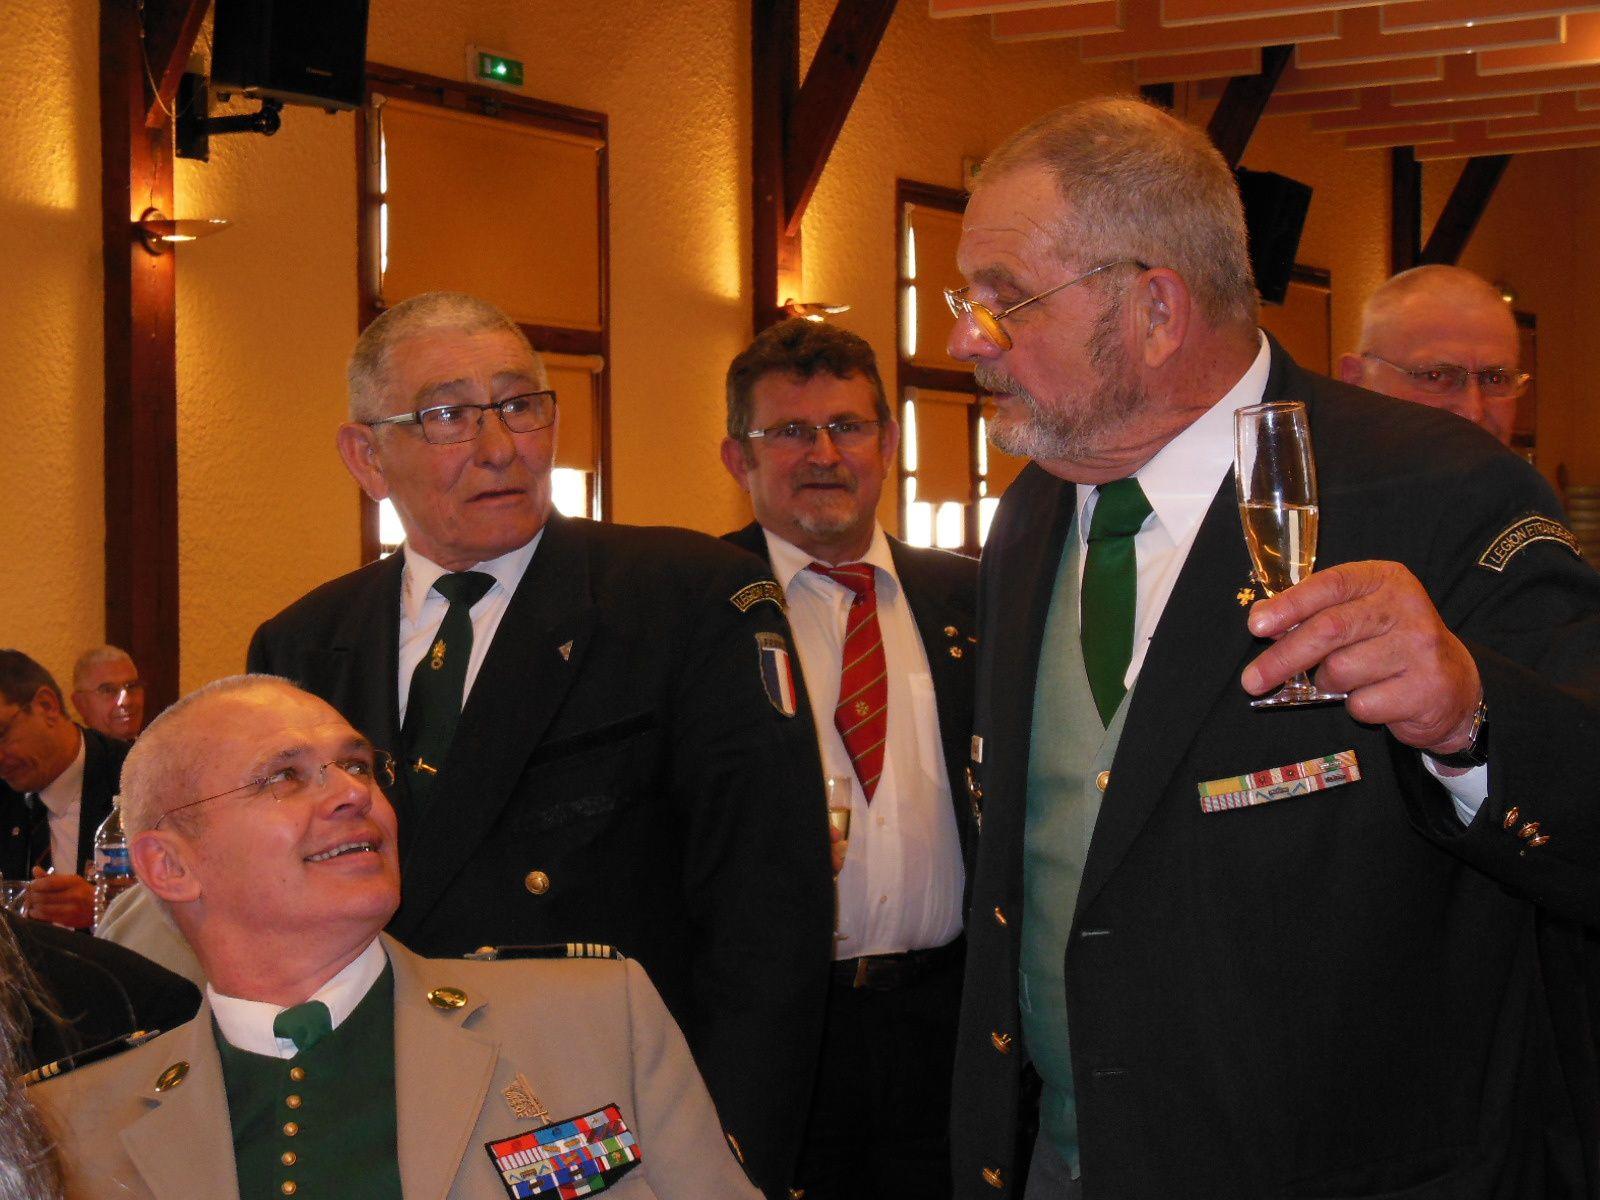 Album photos des cérémonies du 19 avril 2013 de Camerone et de l'hommage au Cdt Dupin au Grand-Pressigny